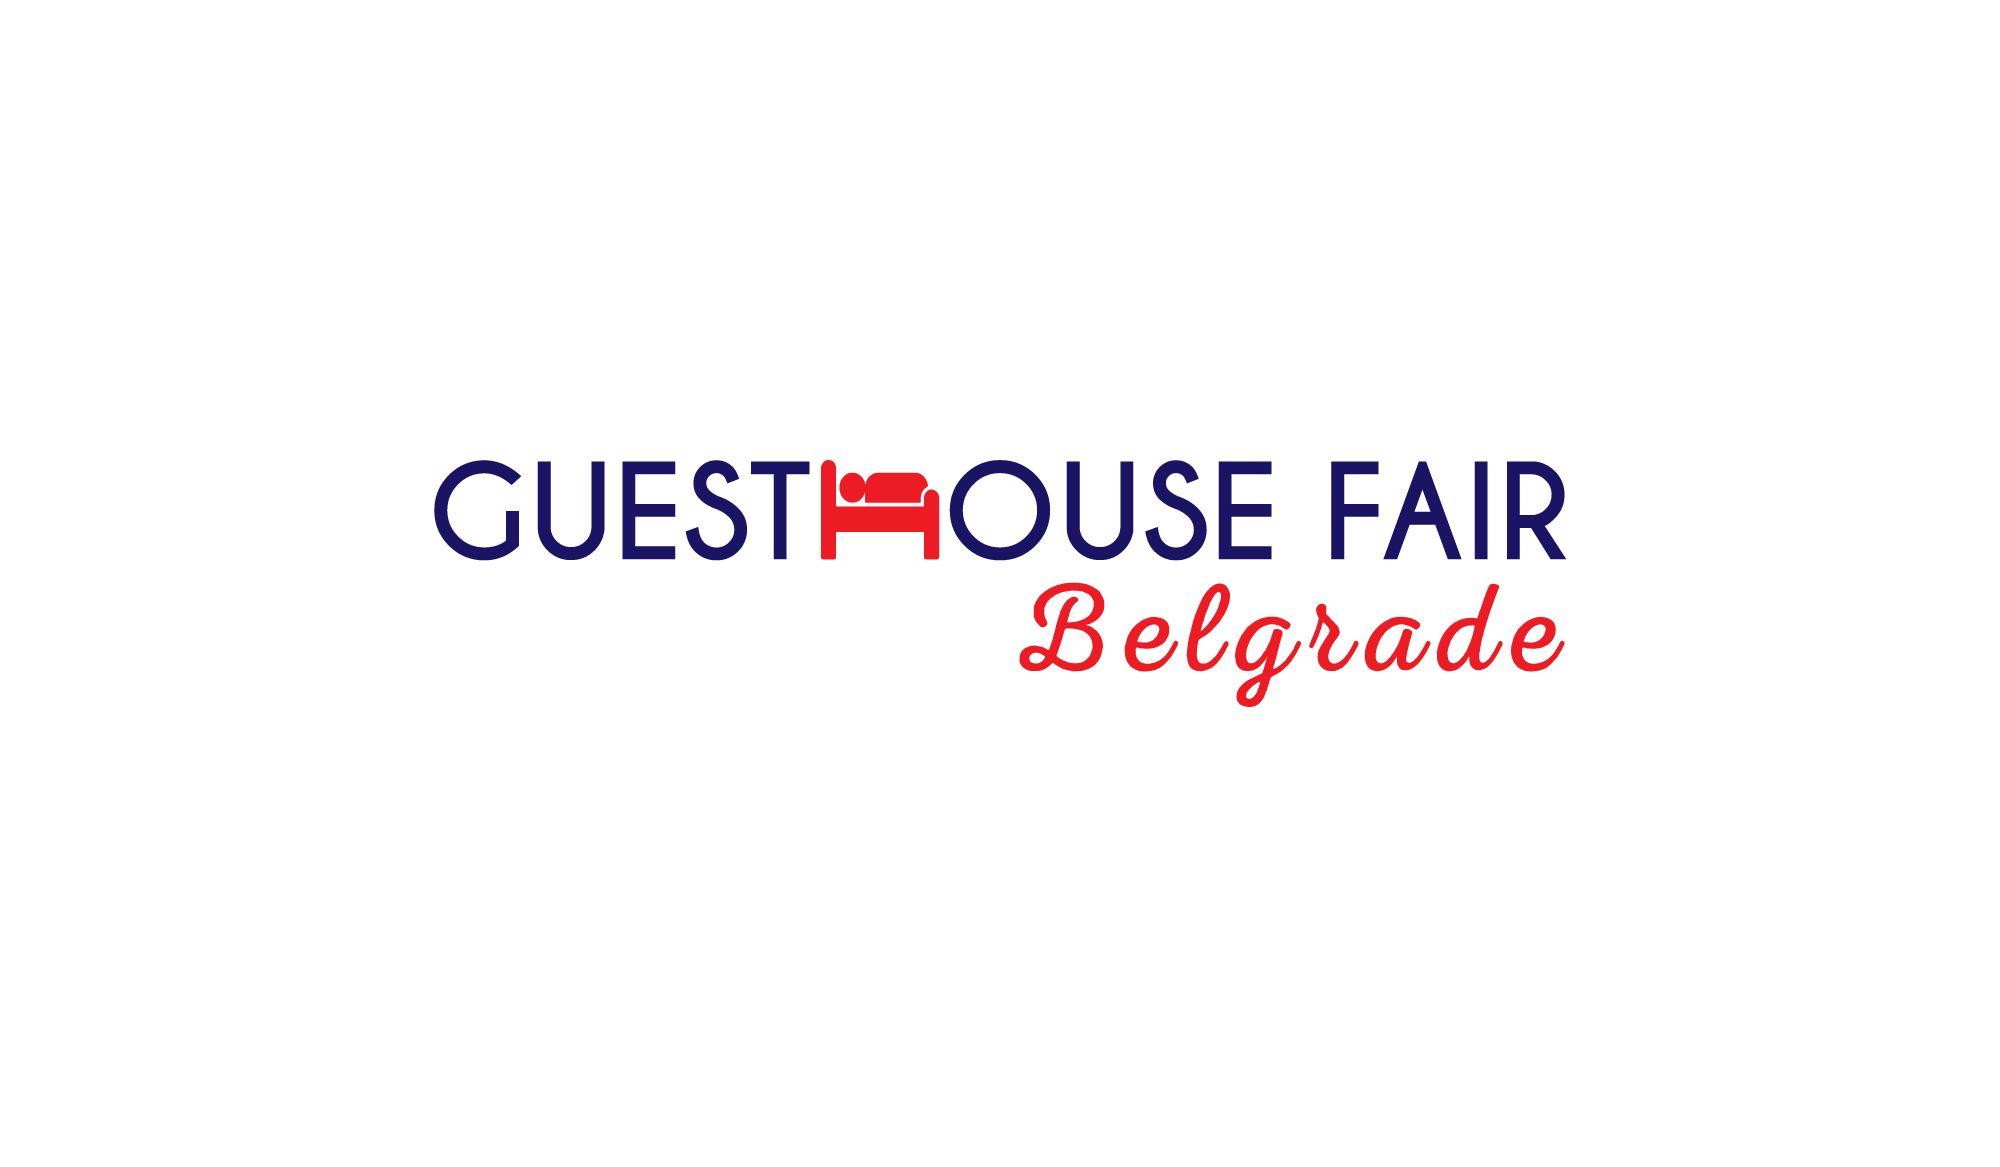 Guest House Fair